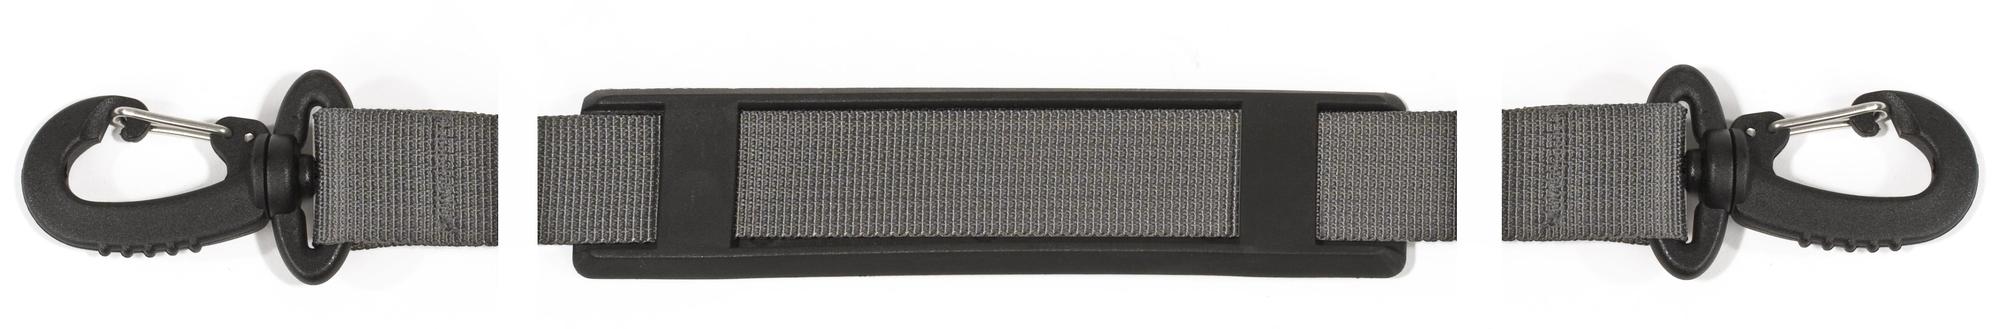 Ortlieb Schultergurt 150 cm mit Karabiner, für Bike-Packer Plus und Sport-Packer Plus ab 2015